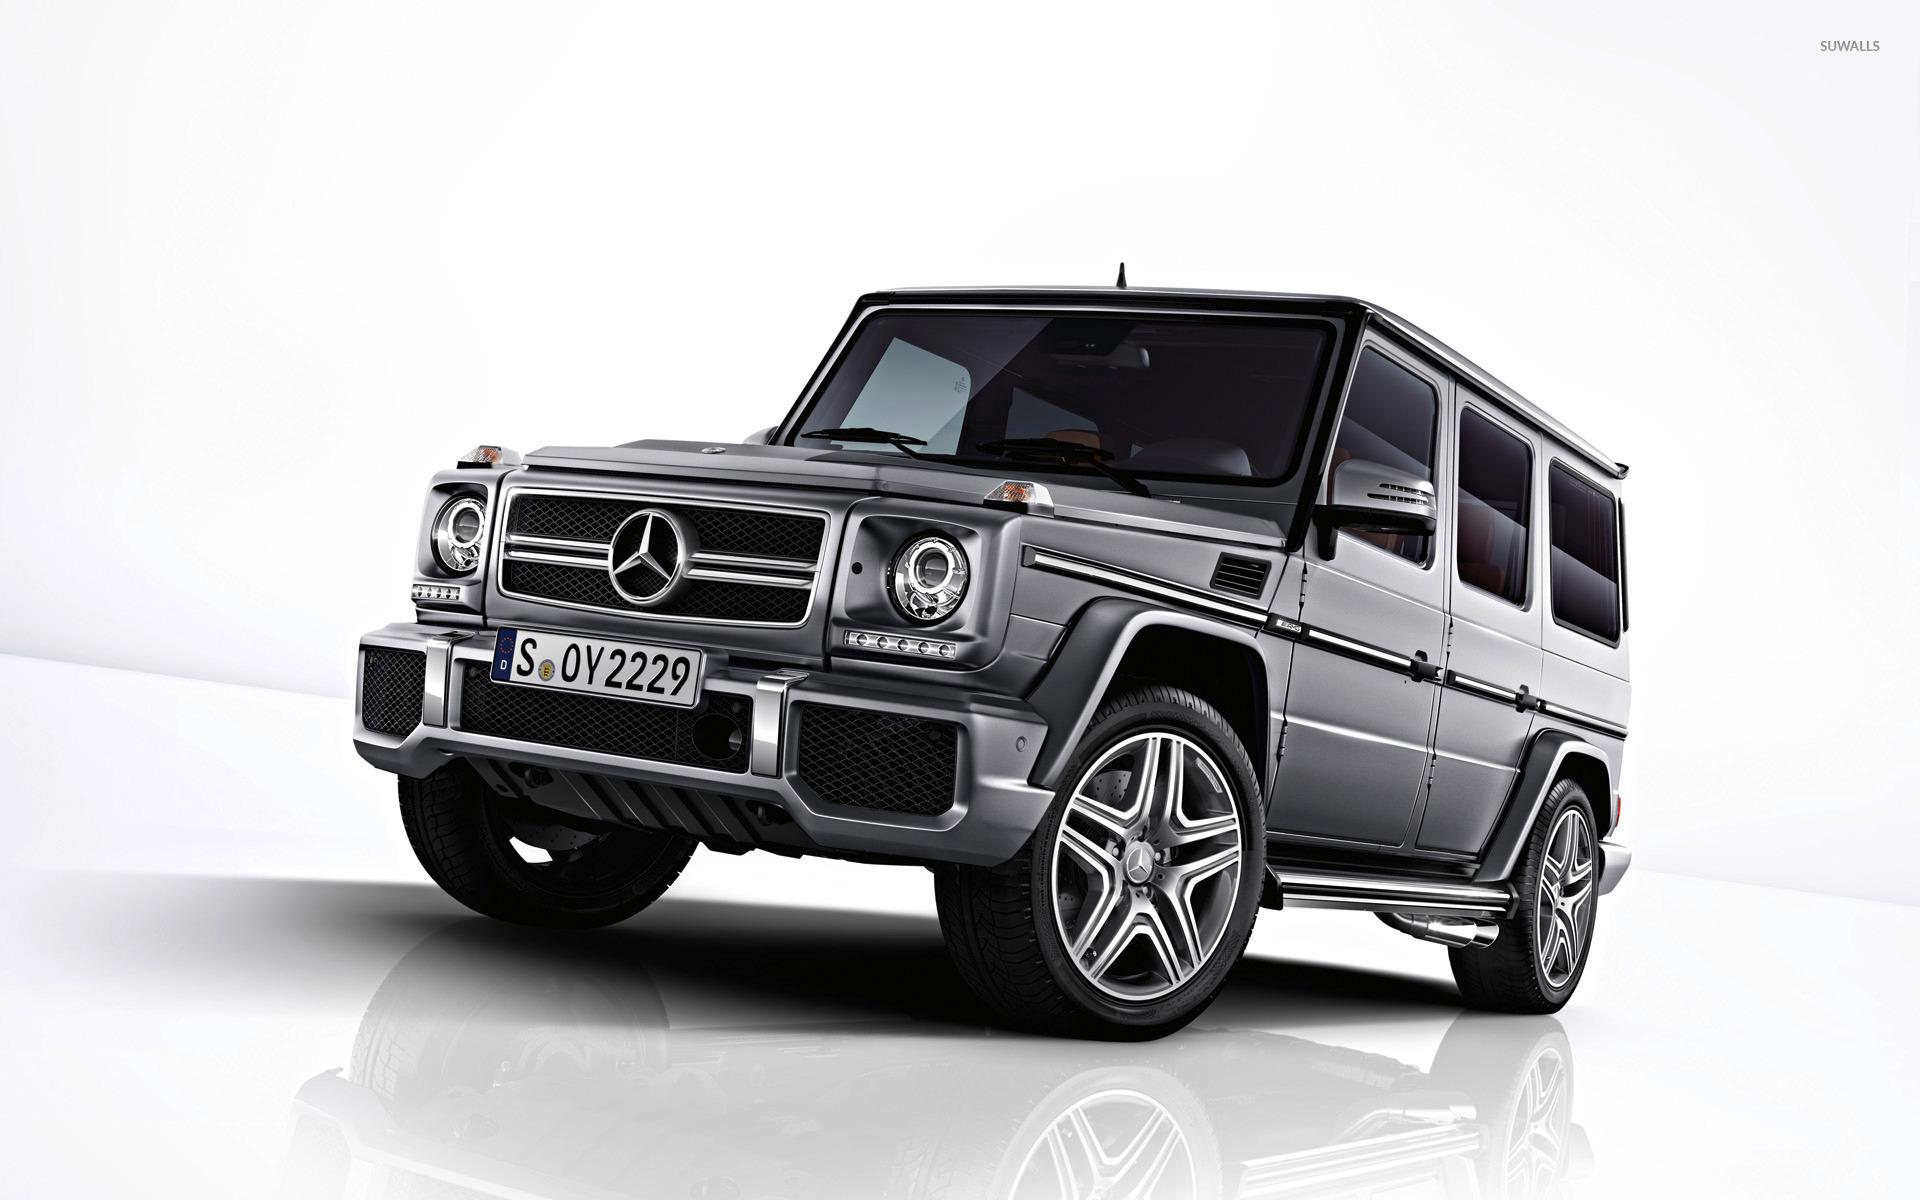 Mercedes benz g class amg wallpaper car wallpapers 13745 for Mercedes benz truck g class